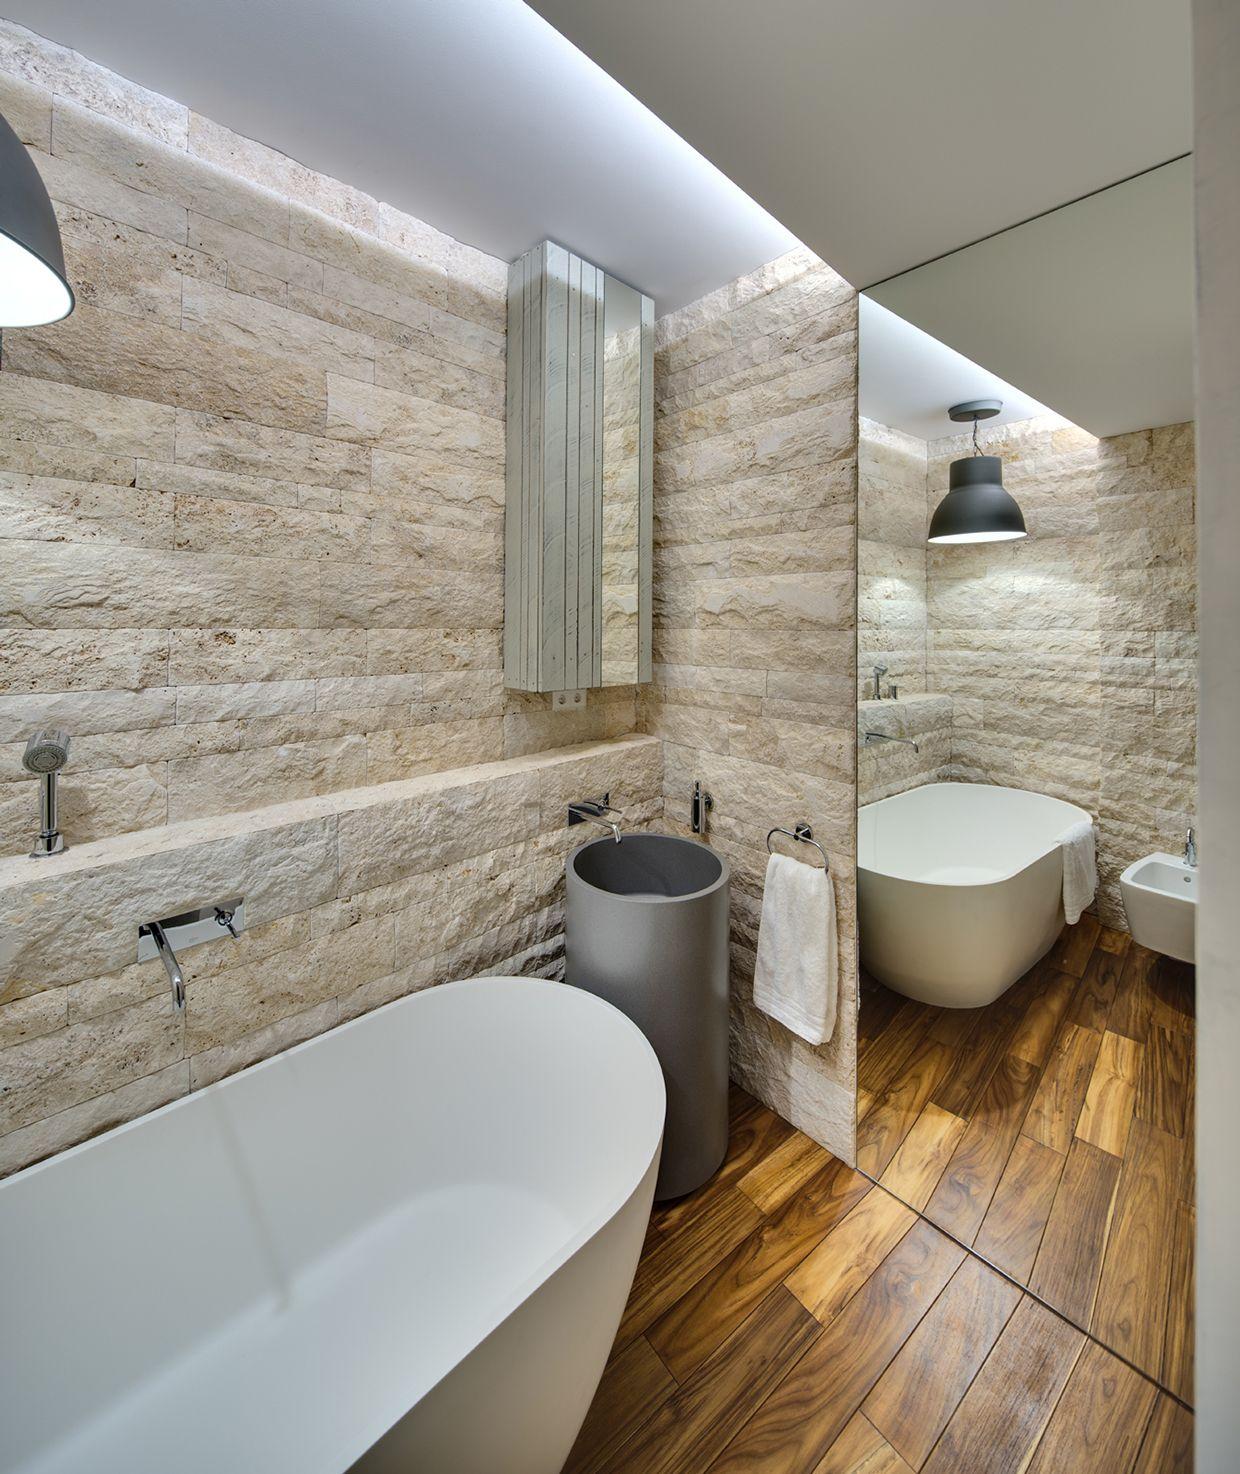 Foornipl Nowoczesna łazienka Kamień Na ścianie Drewno W